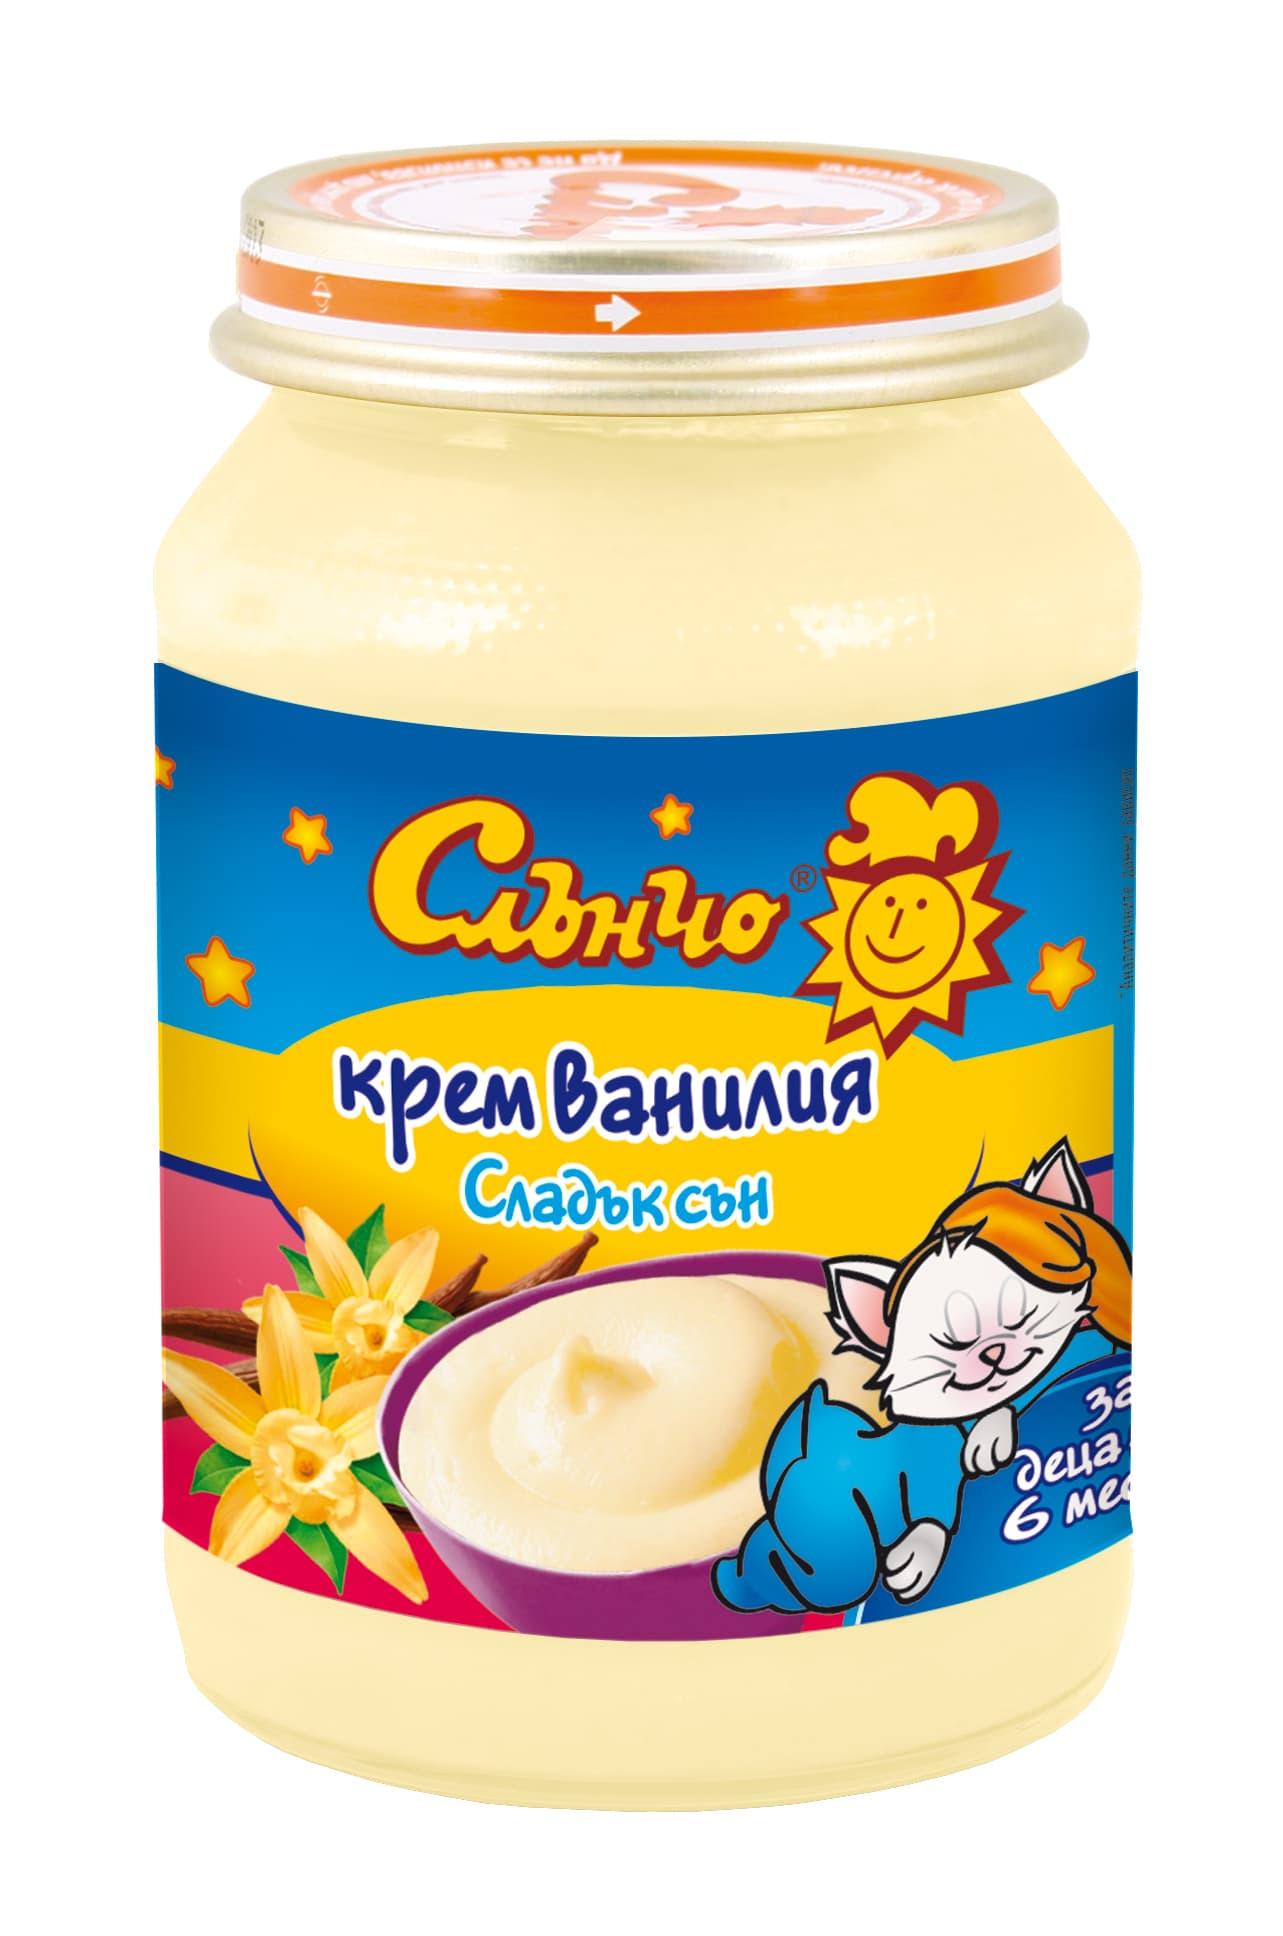 Слънчо-крем ванилия